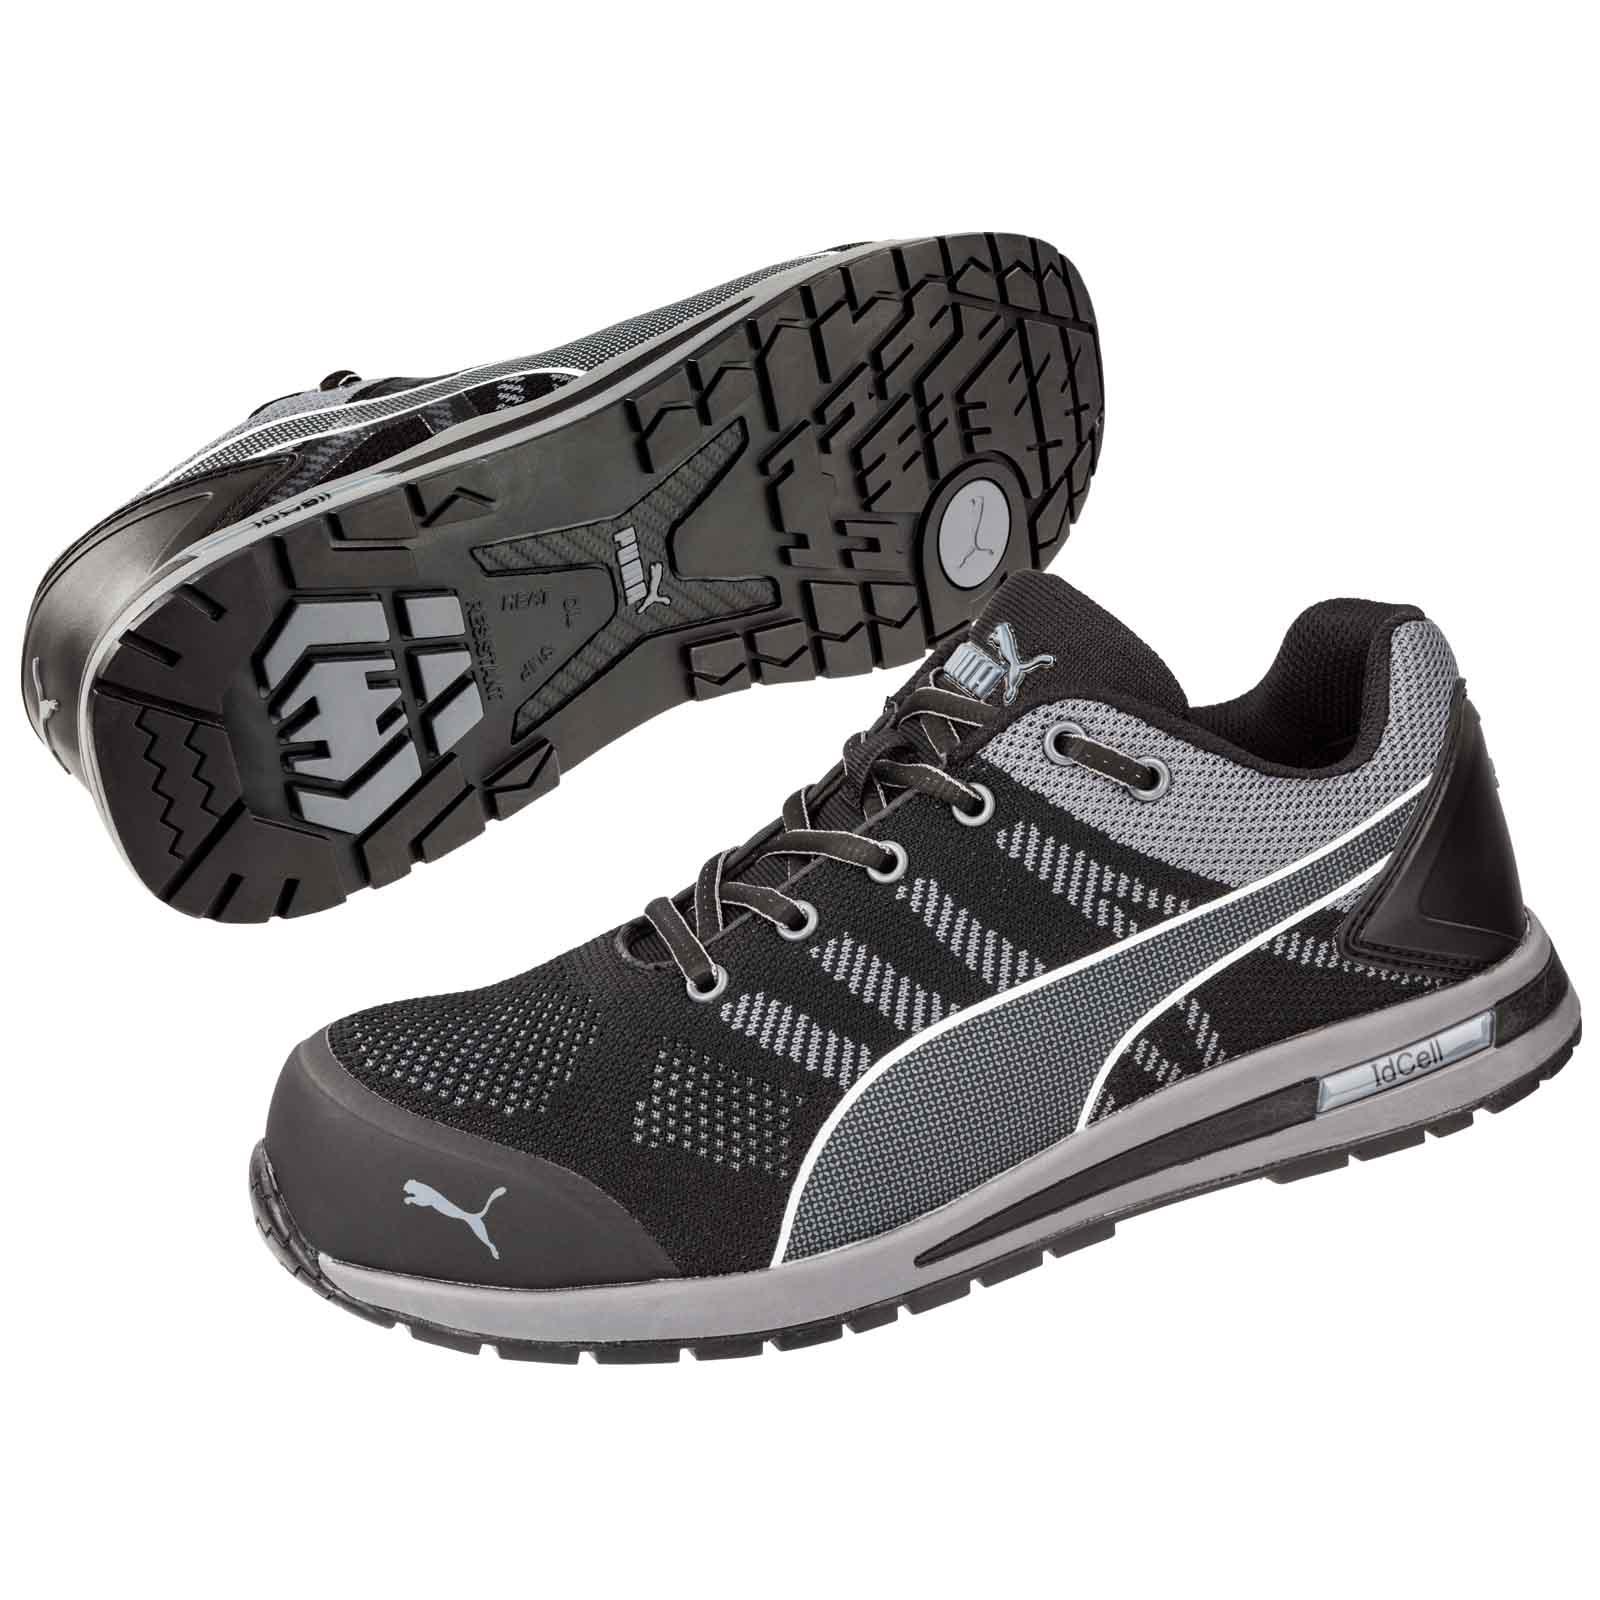 Détails sur Puma Blaze Knit Low s1p HRO src Chaussures de sécurité taille 39 47 64.306.0 afficher le titre d'origine